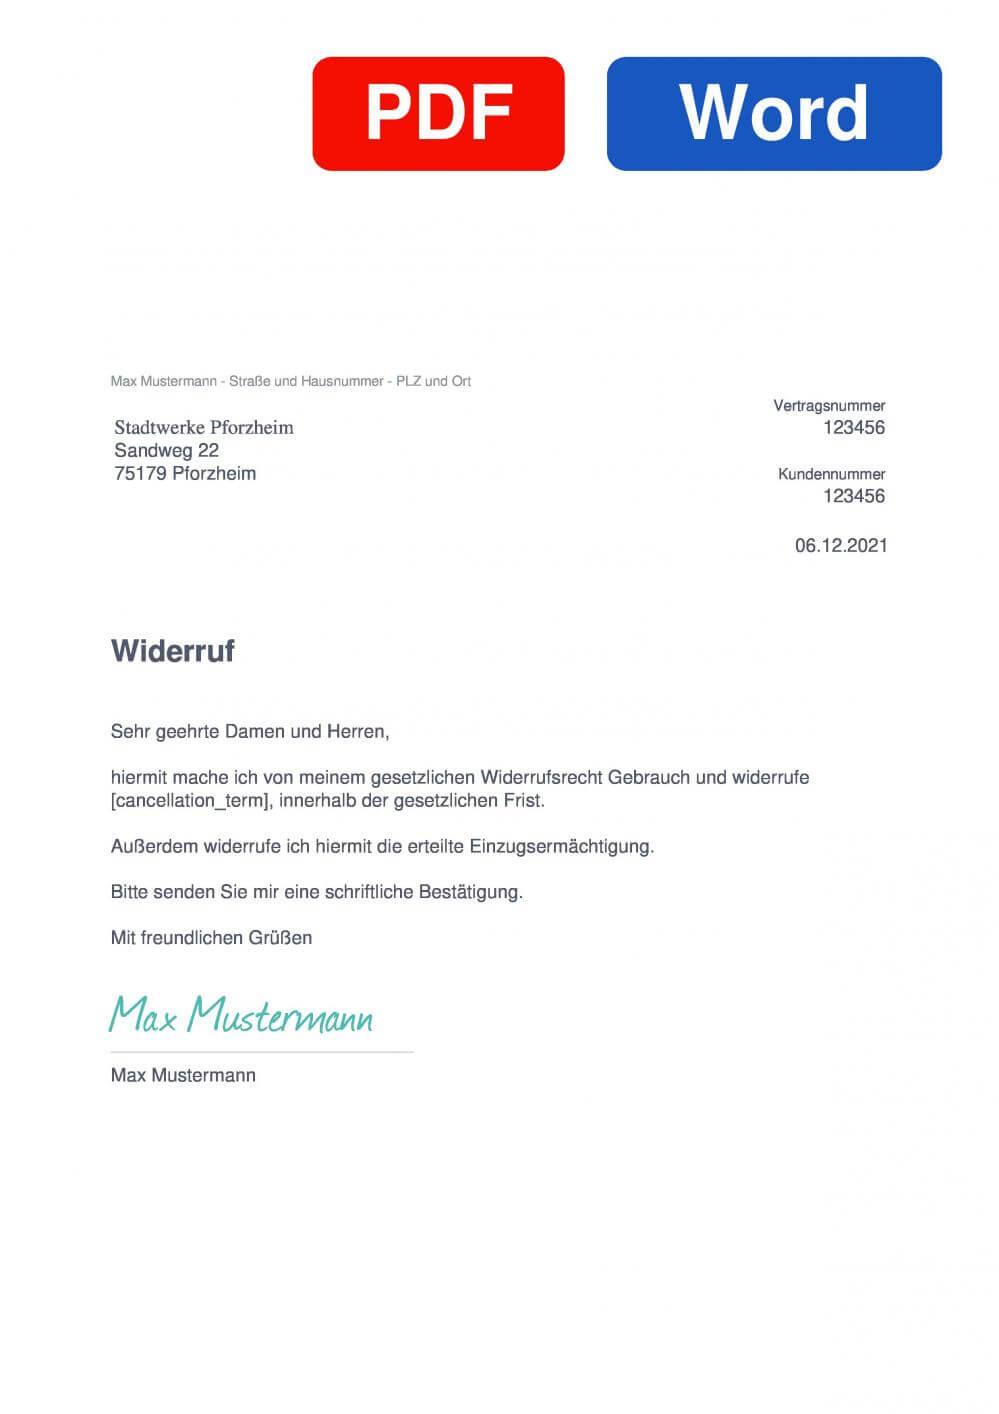 Stadtwerke Pforzheim Muster Vorlage für Wiederrufsschreiben